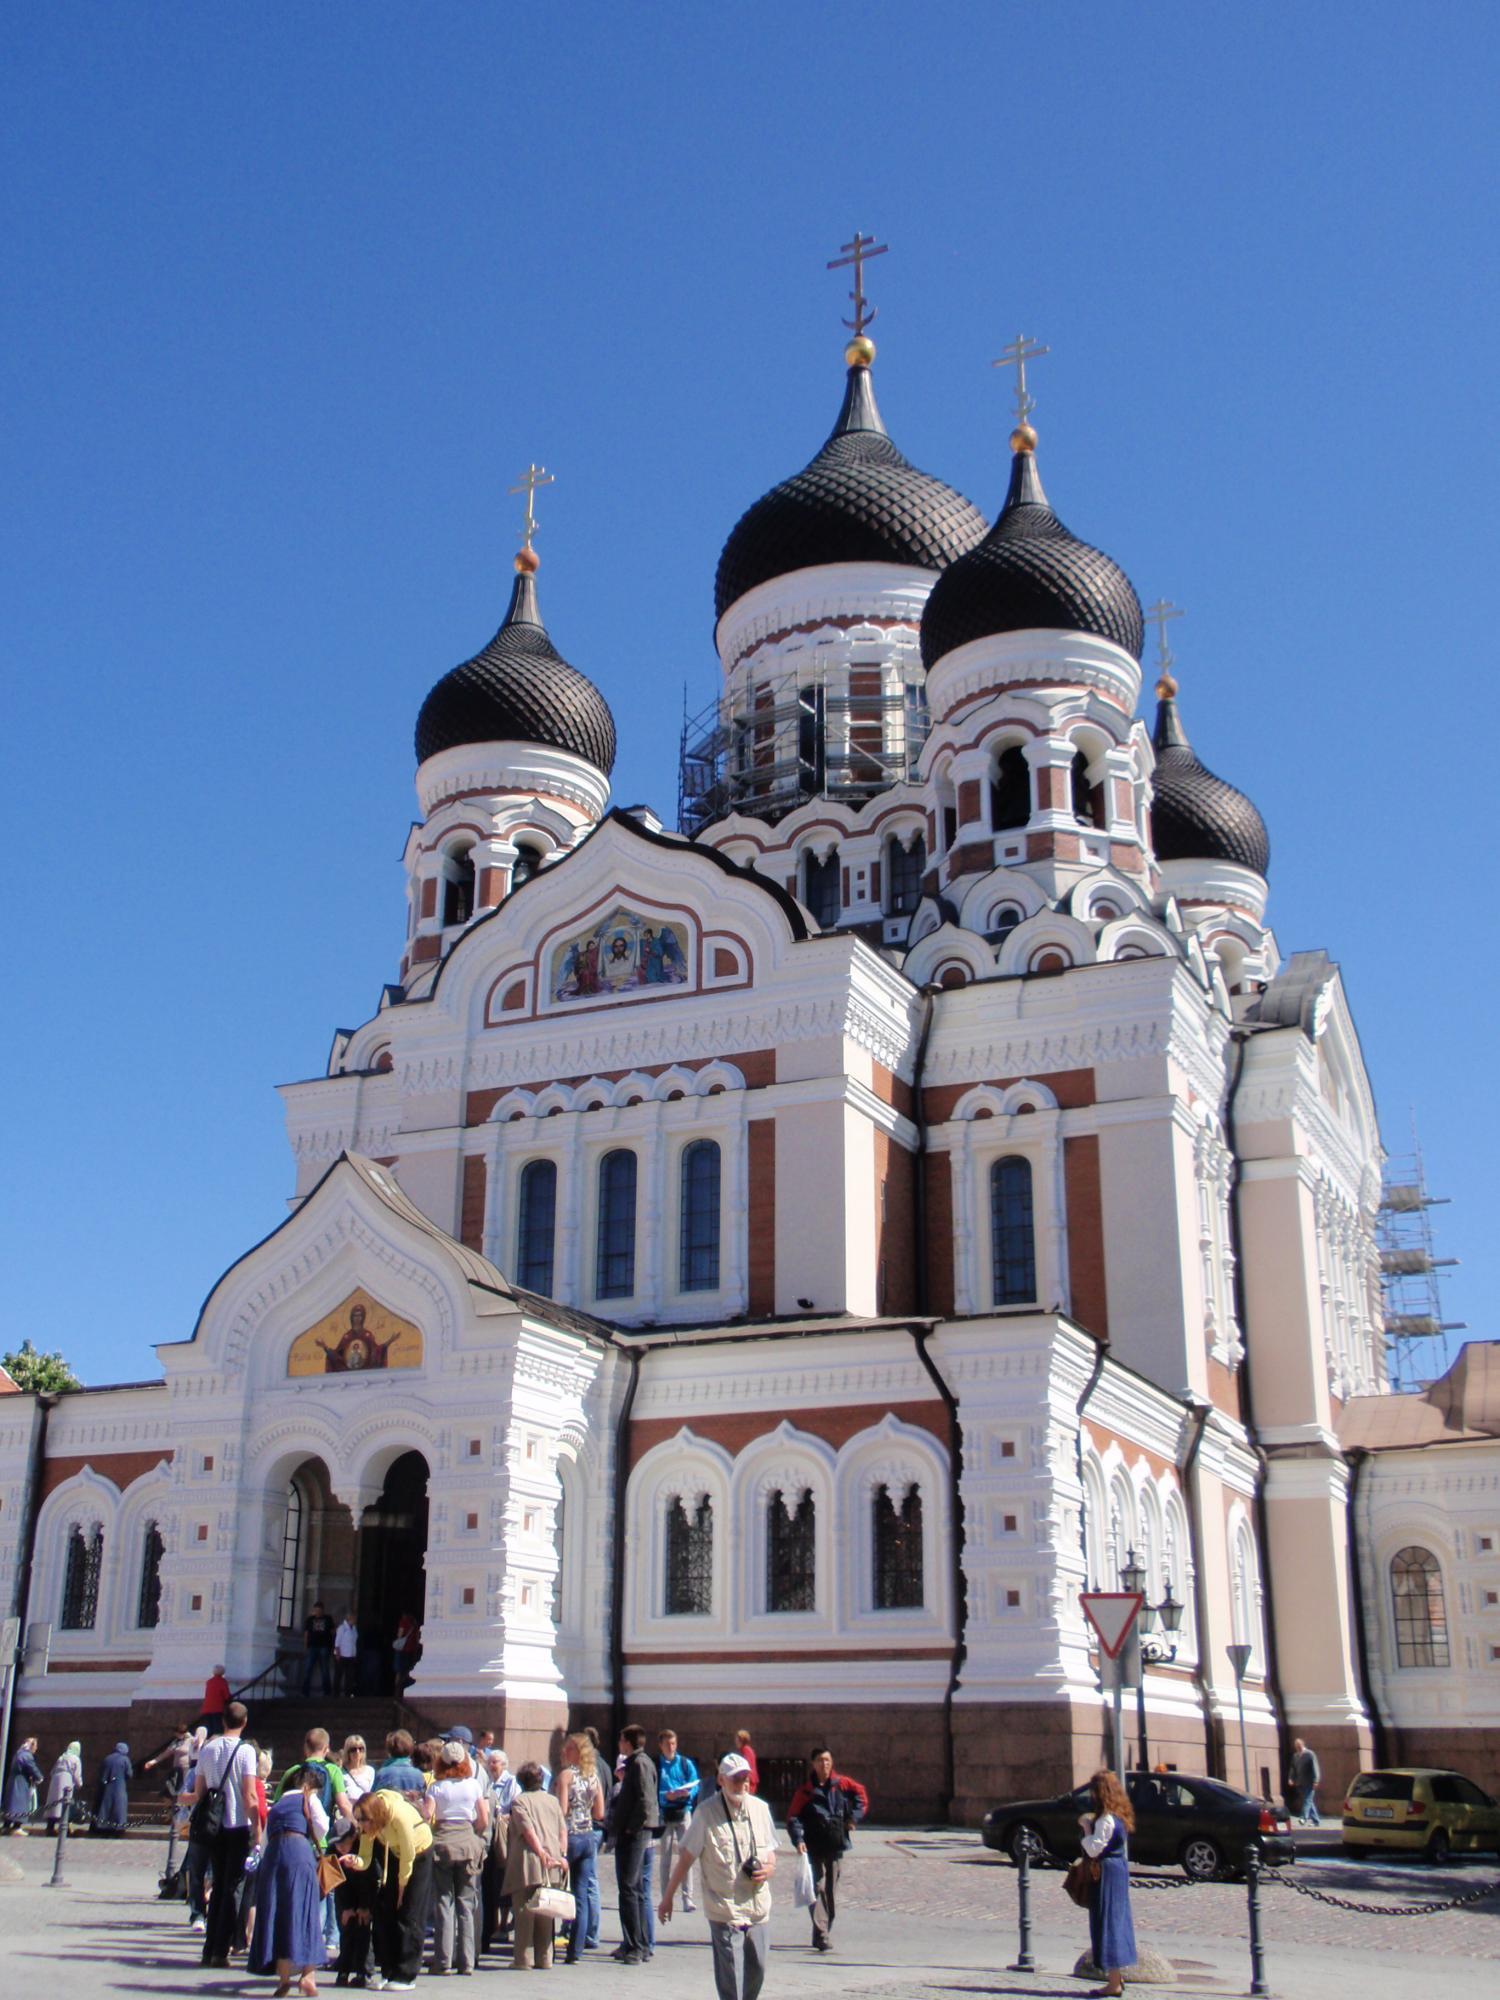 エストニア・アレキサンドル ネフロスキー教会